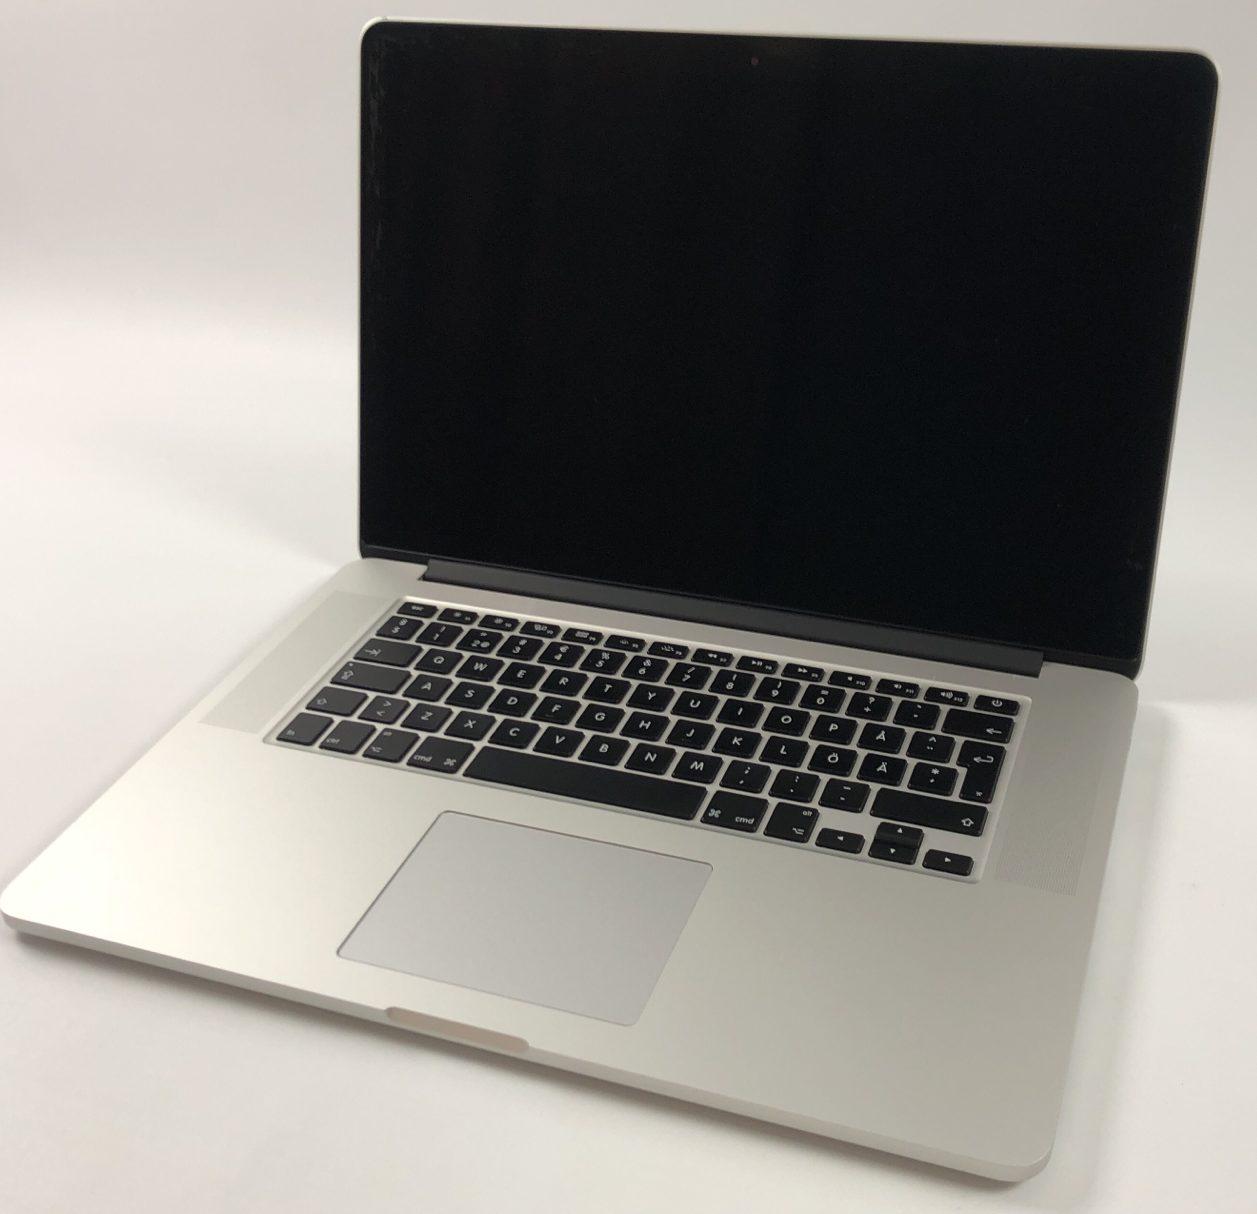 """MacBook Pro Retina 15"""" Mid 2015 (Intel Quad-Core i7 2.5 GHz 16 GB RAM 512 GB SSD), Intel Quad-Core i7 2.8 GHz, 16 GB RAM, 512 GB SSD, imagen 1"""